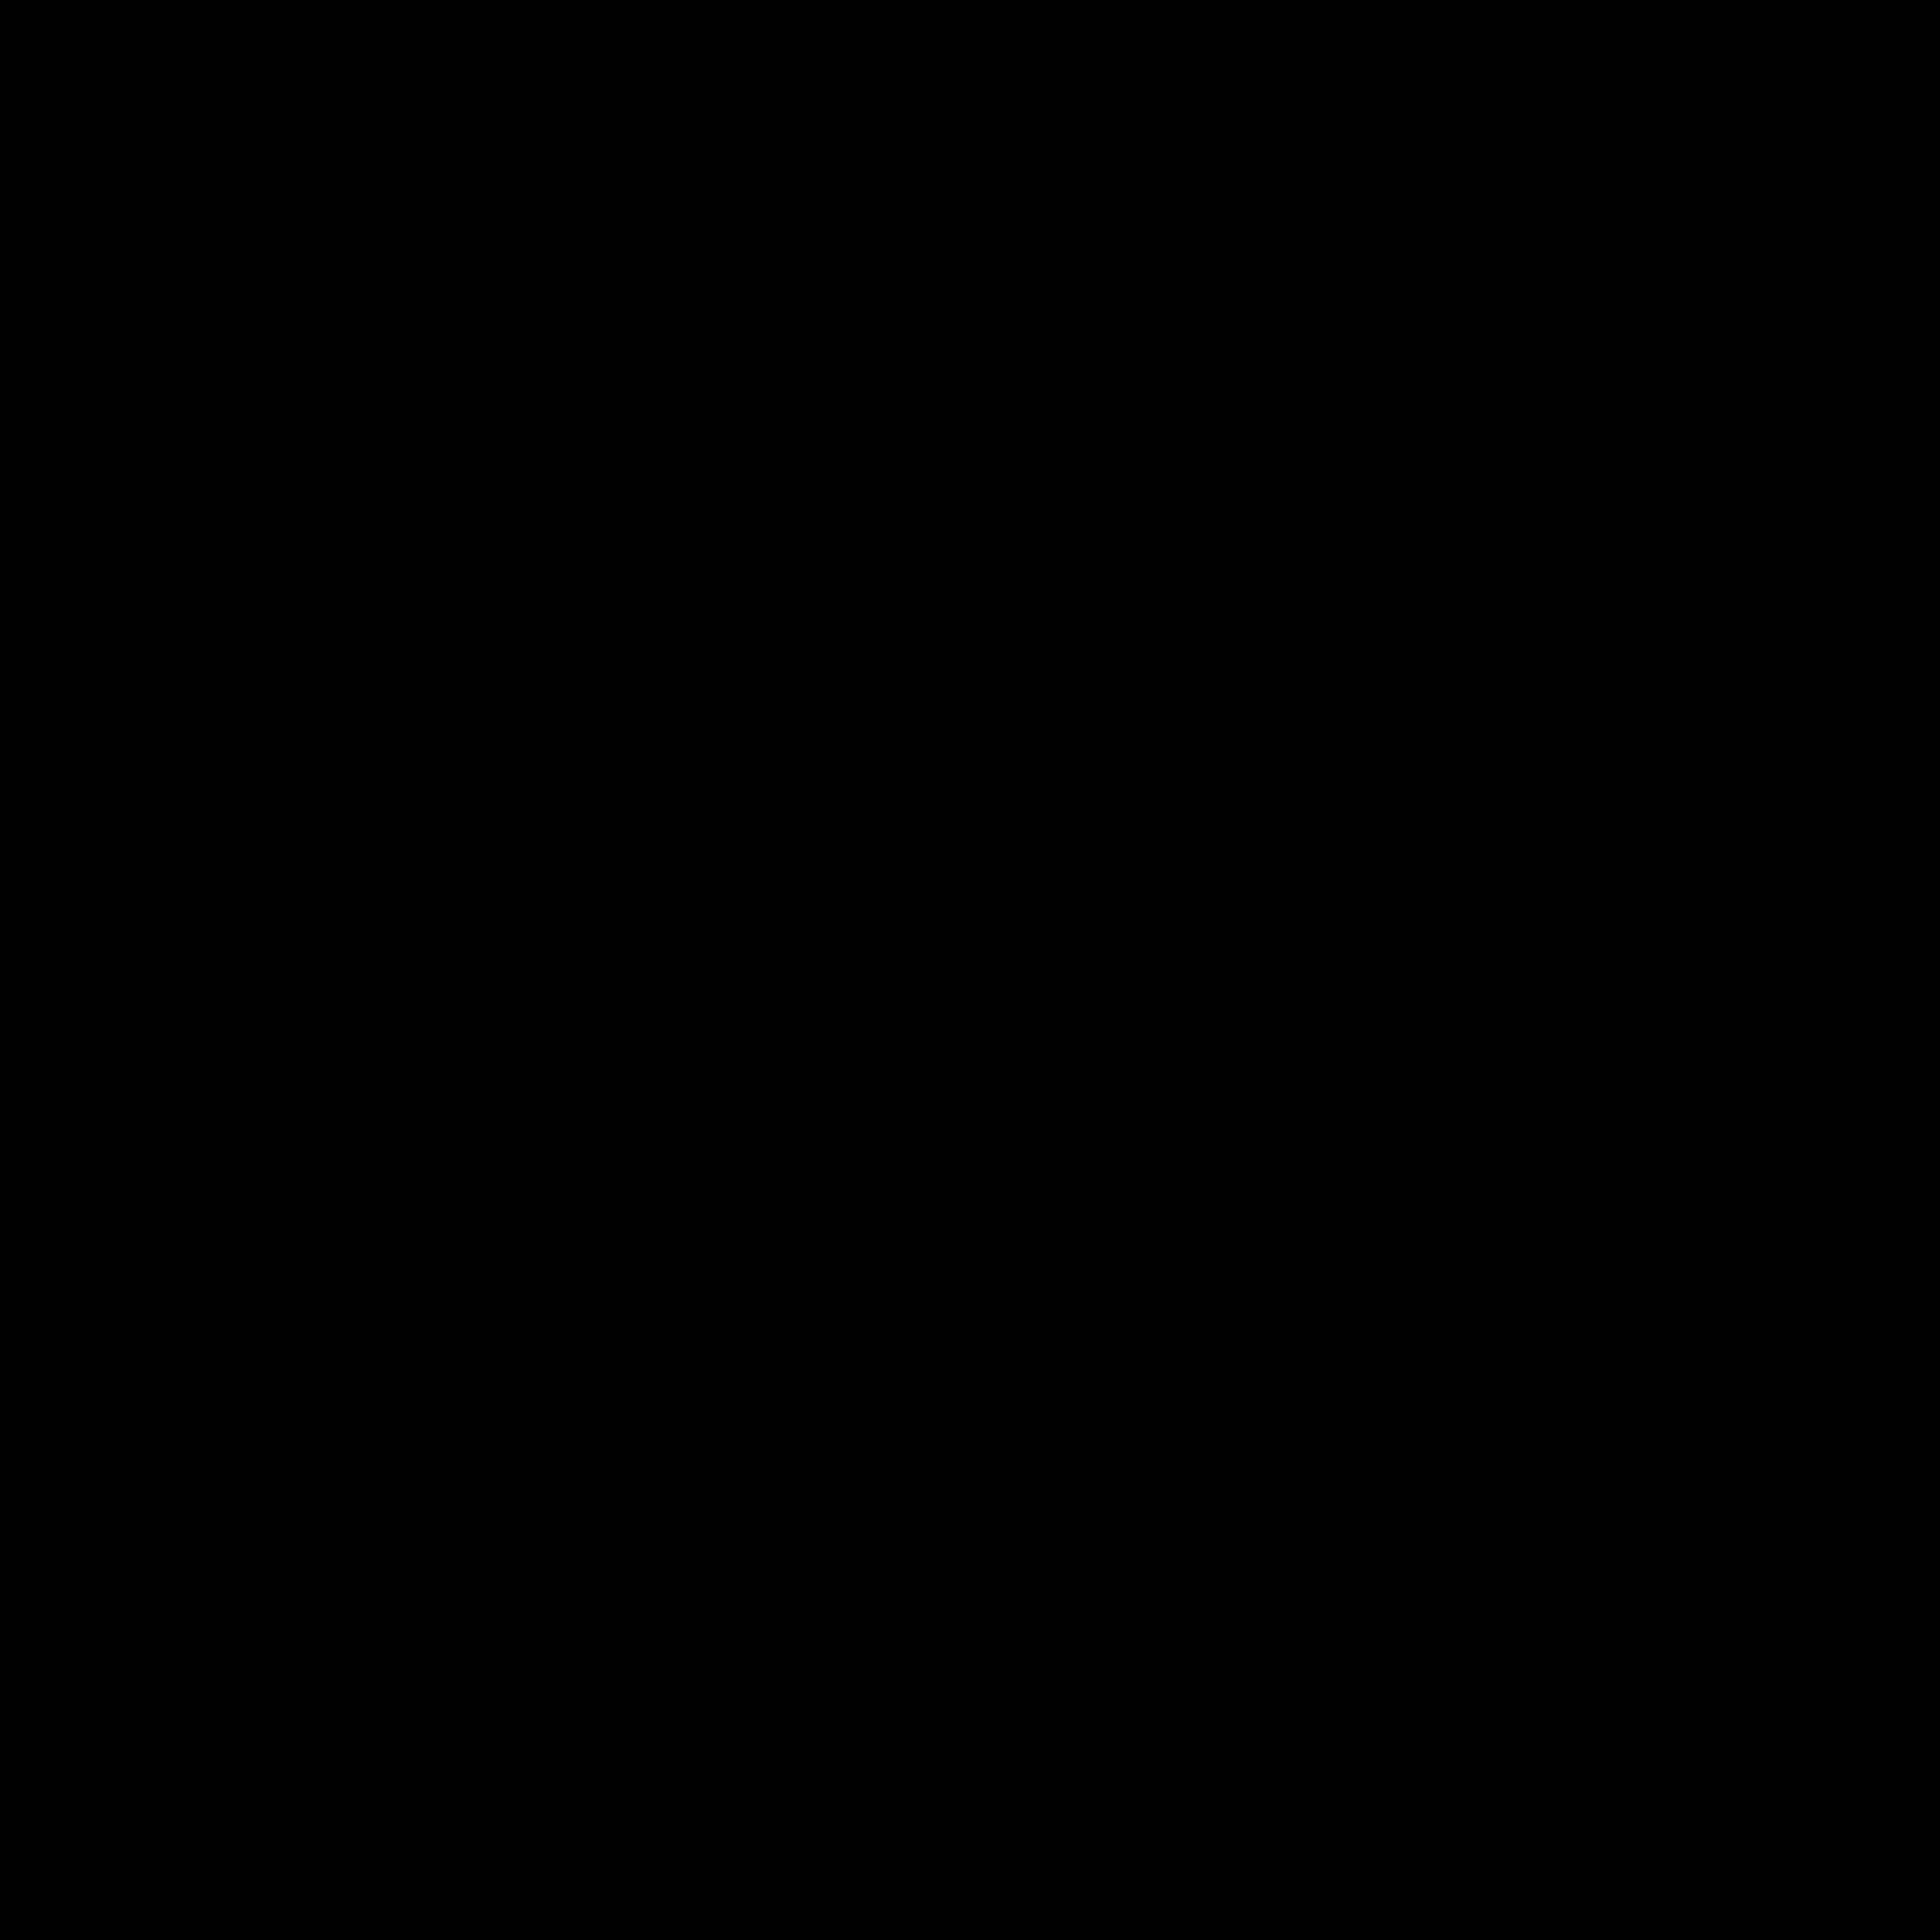 infomoney logo 0 - InfoMoney Logo